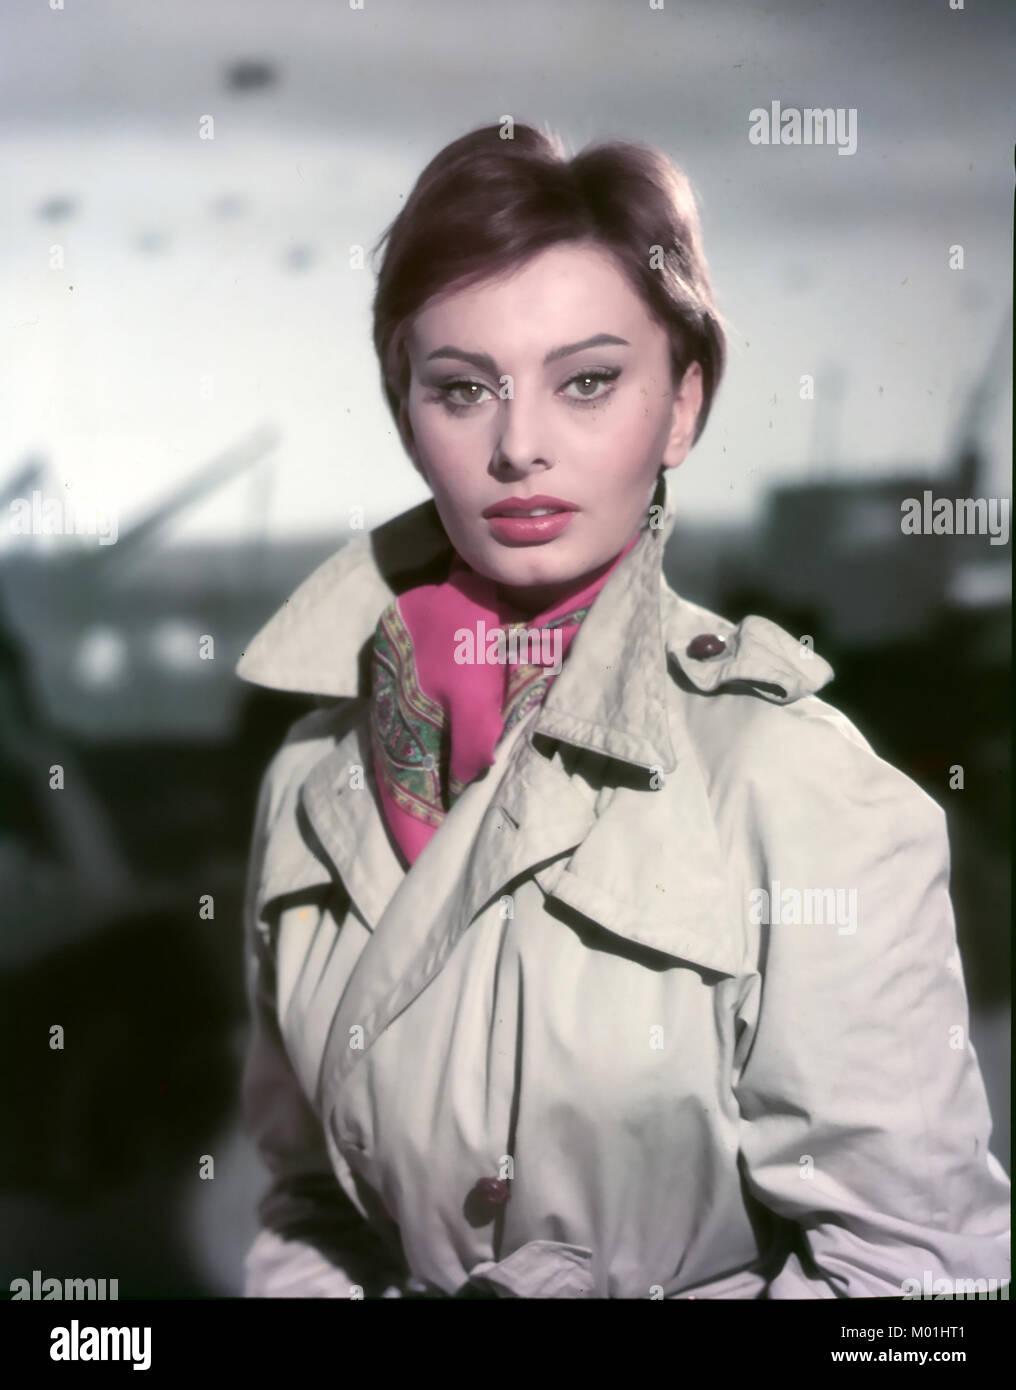 Cindy Taylor Hot pictures Erna Schurer,Ali Bastian (born 1982)